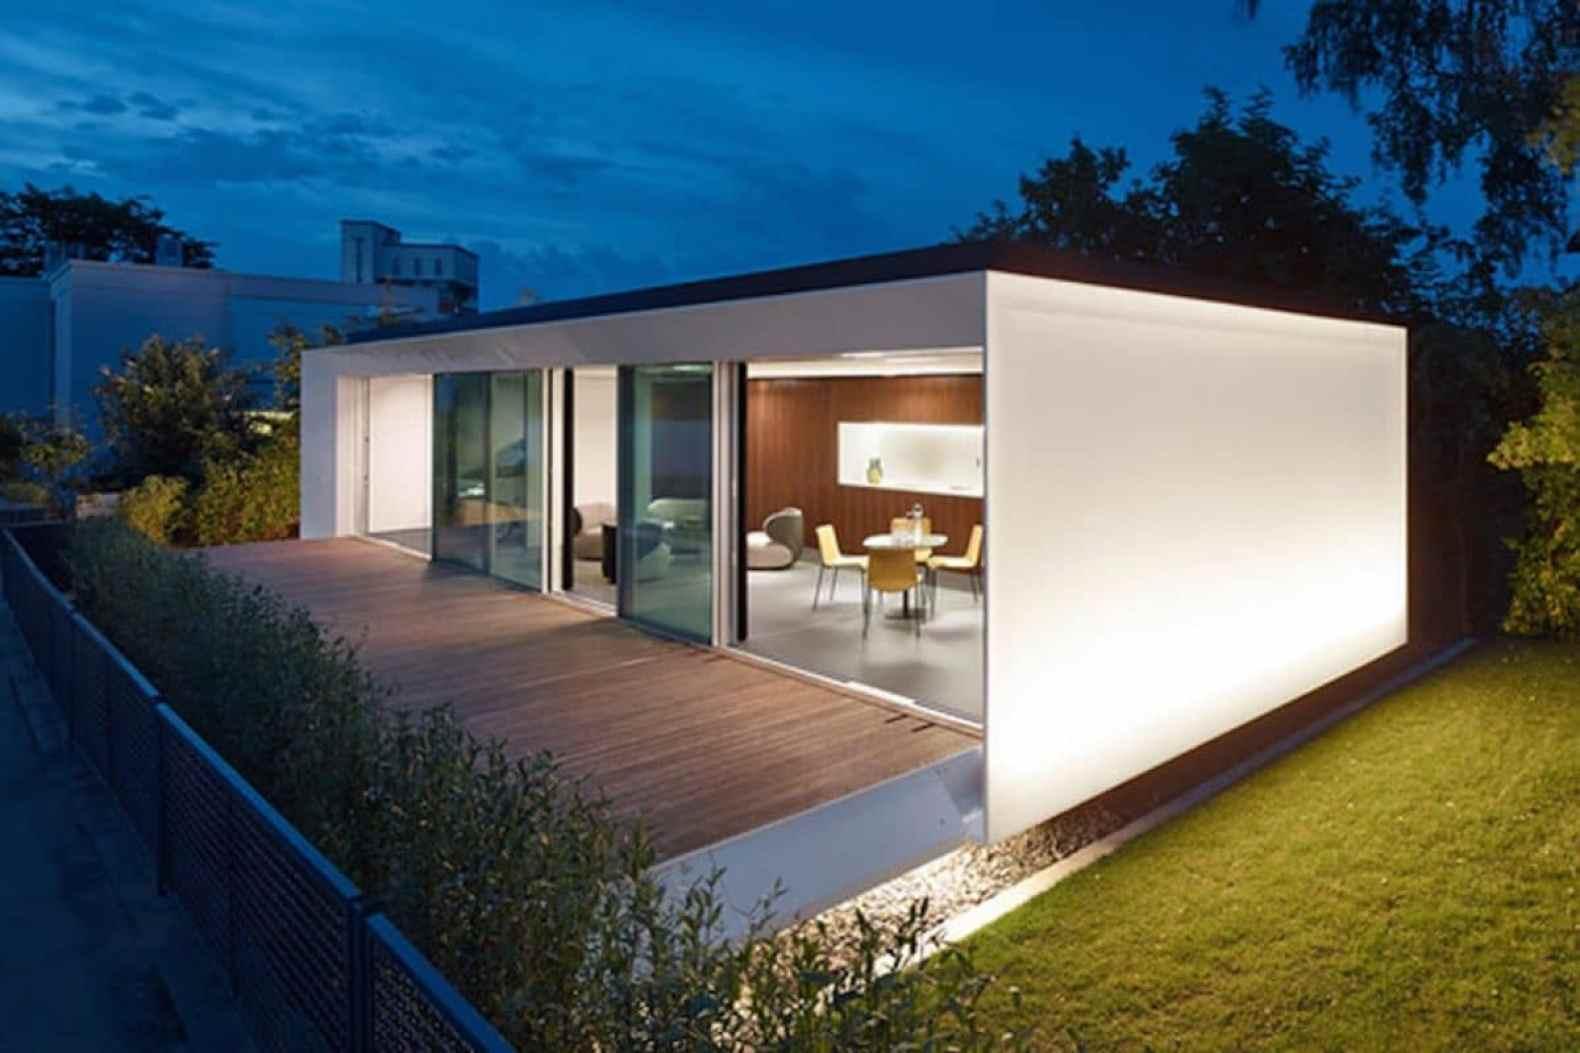 B10 Aktivhaus by Werner Sobek